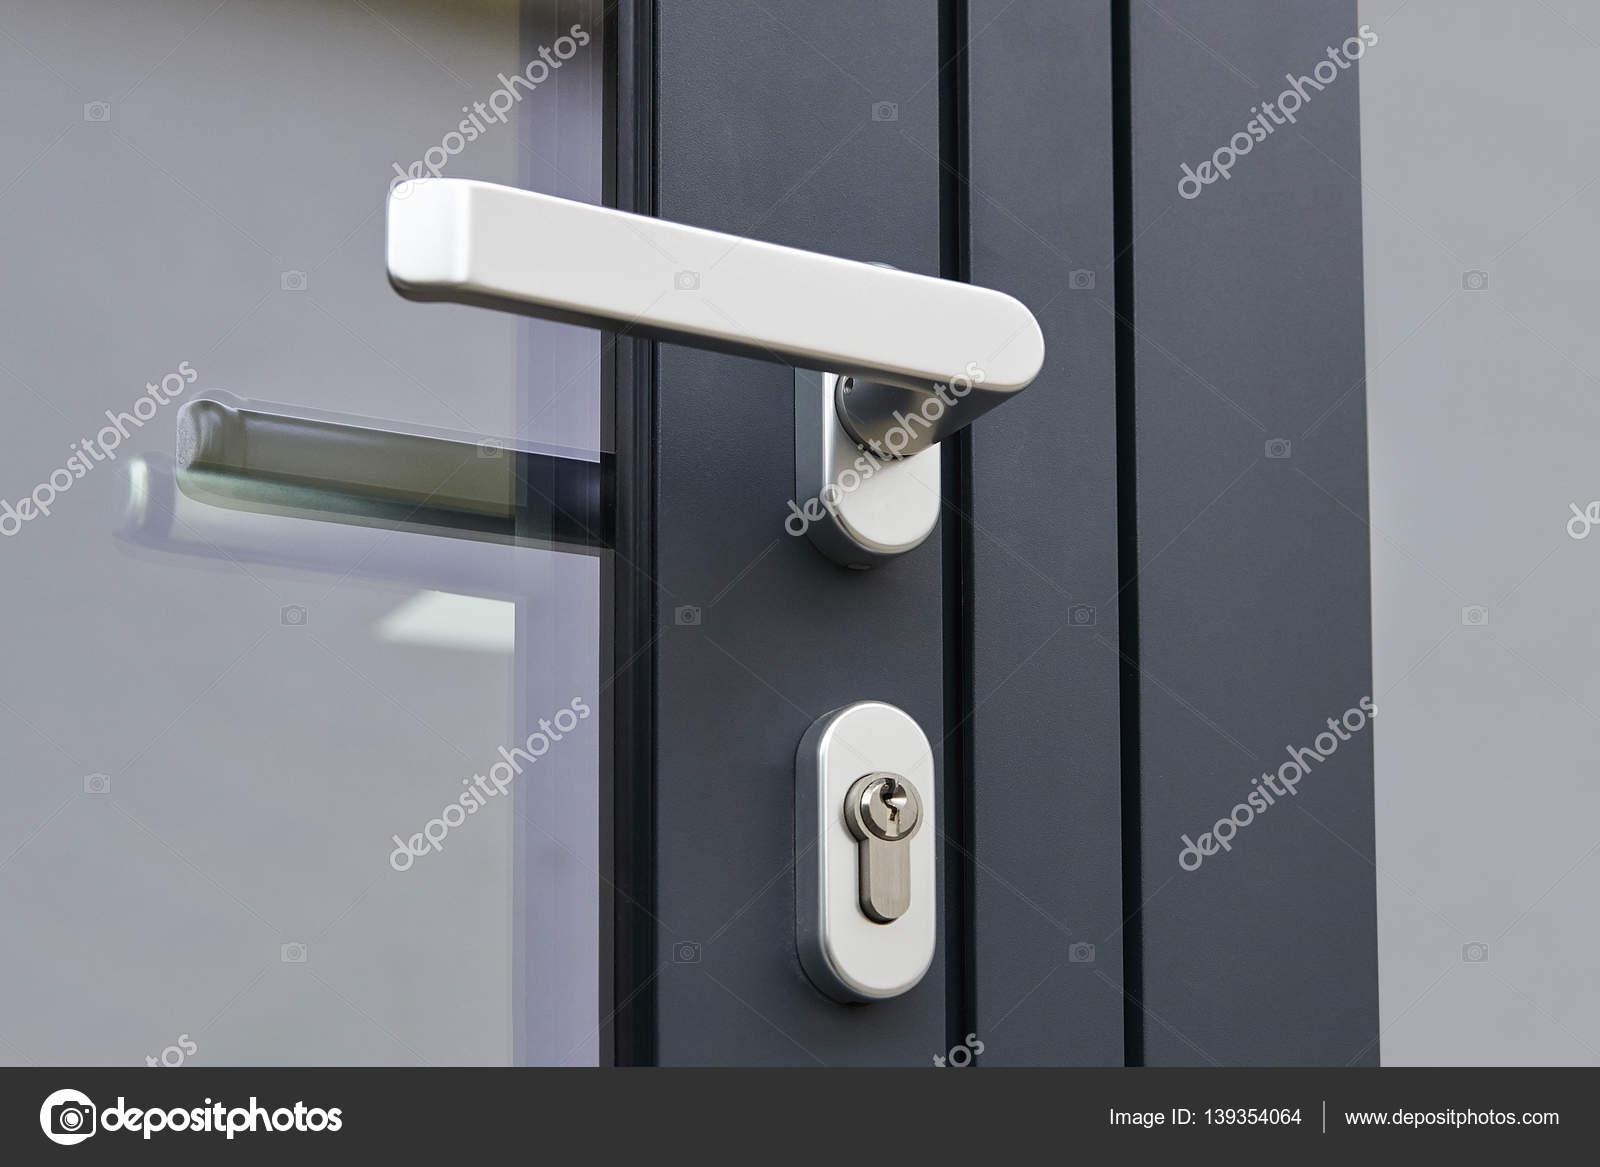 Exterior Door Handle And Security Lock Stock Photo Bombaert